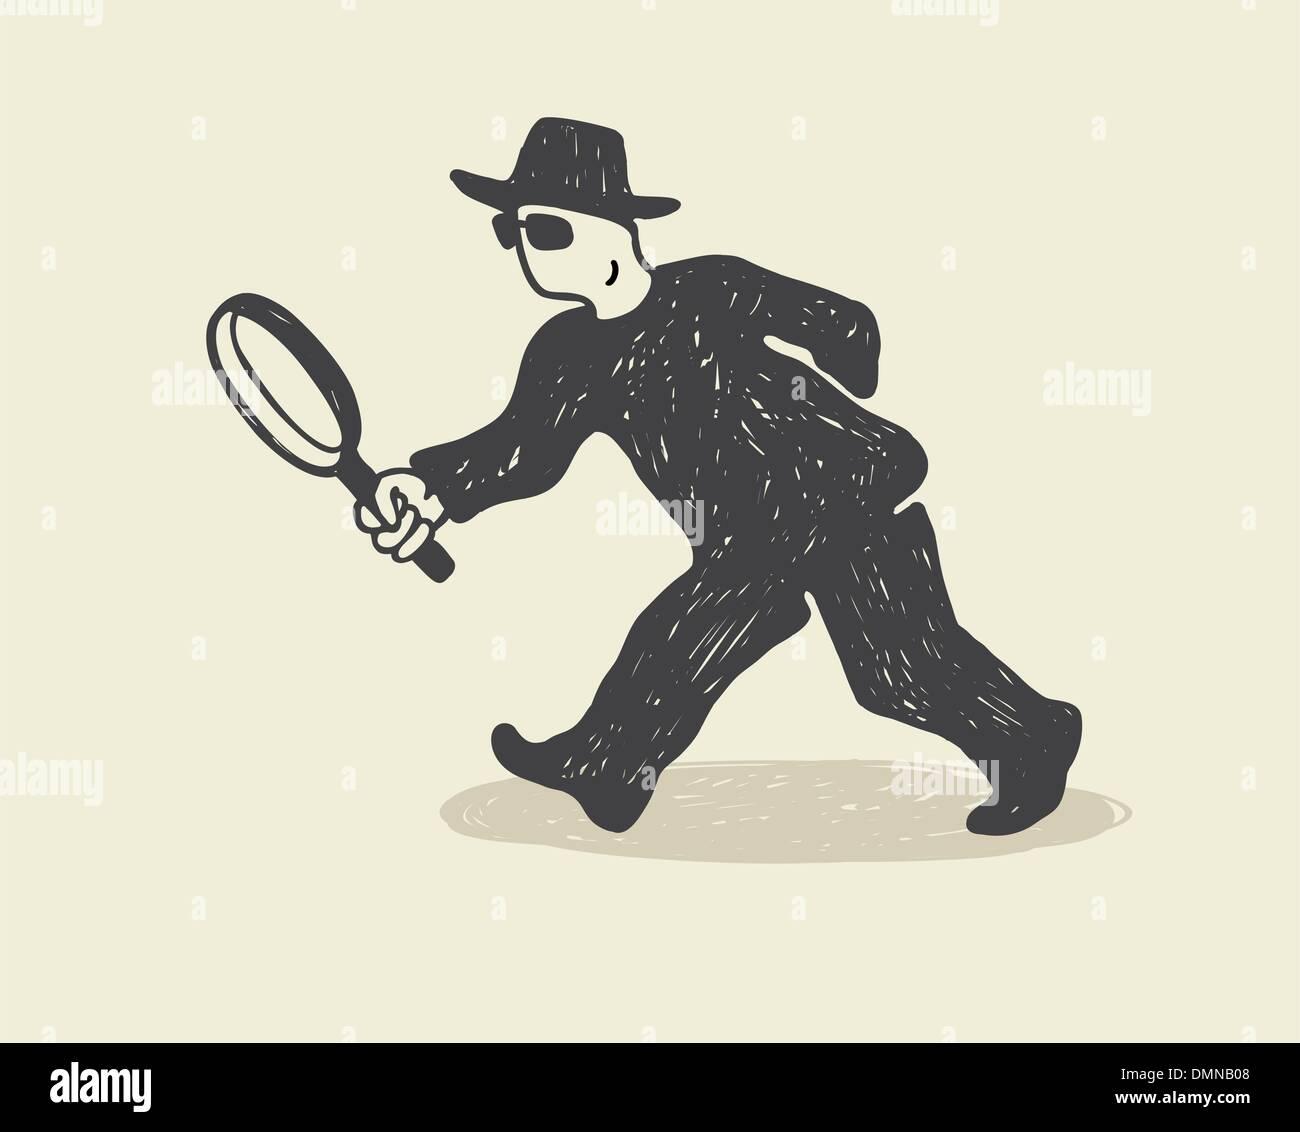 Detective - Stock Image